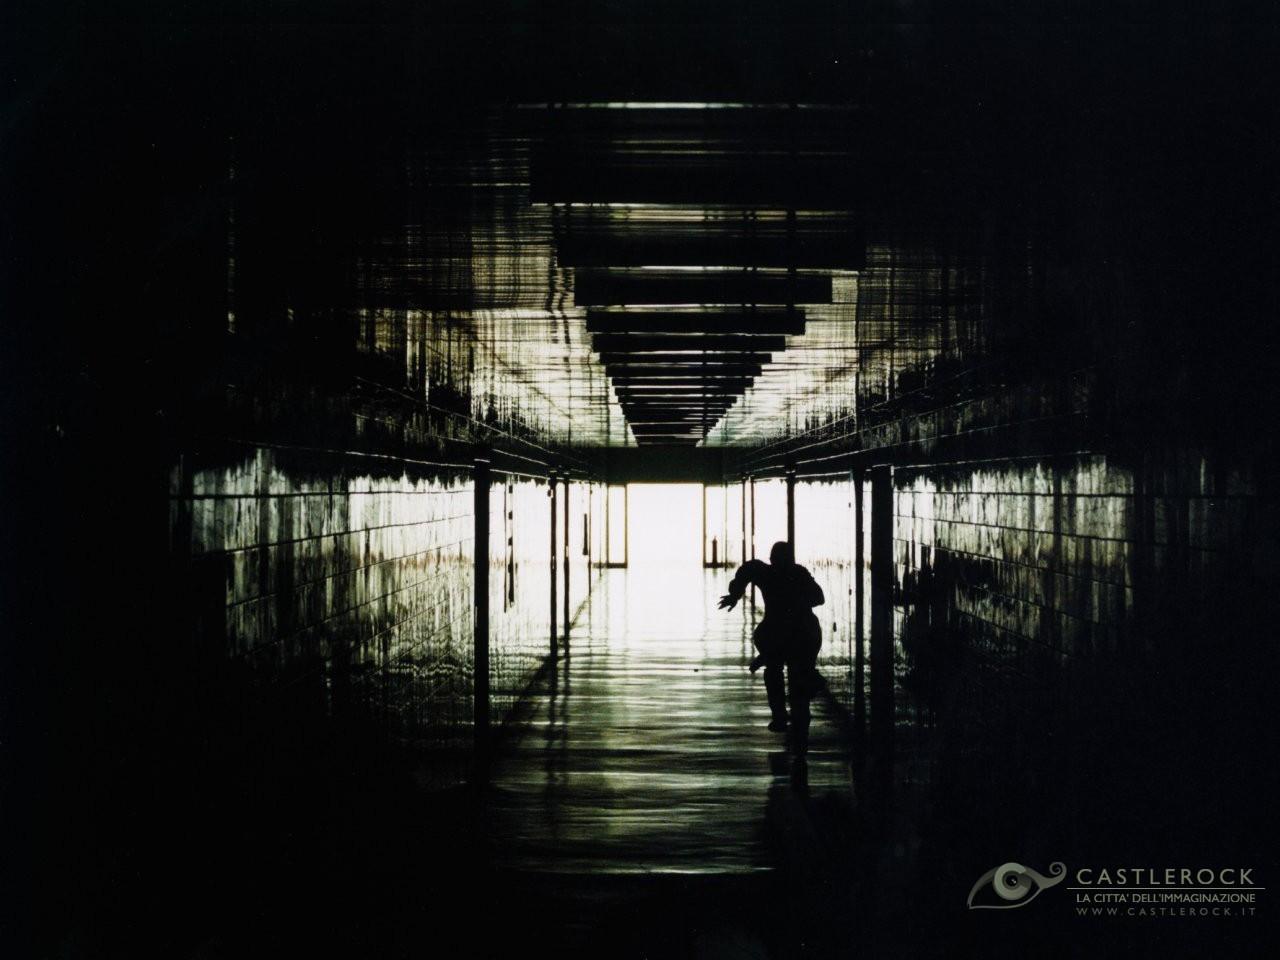 Wallpaper del film Occhi di cristallo